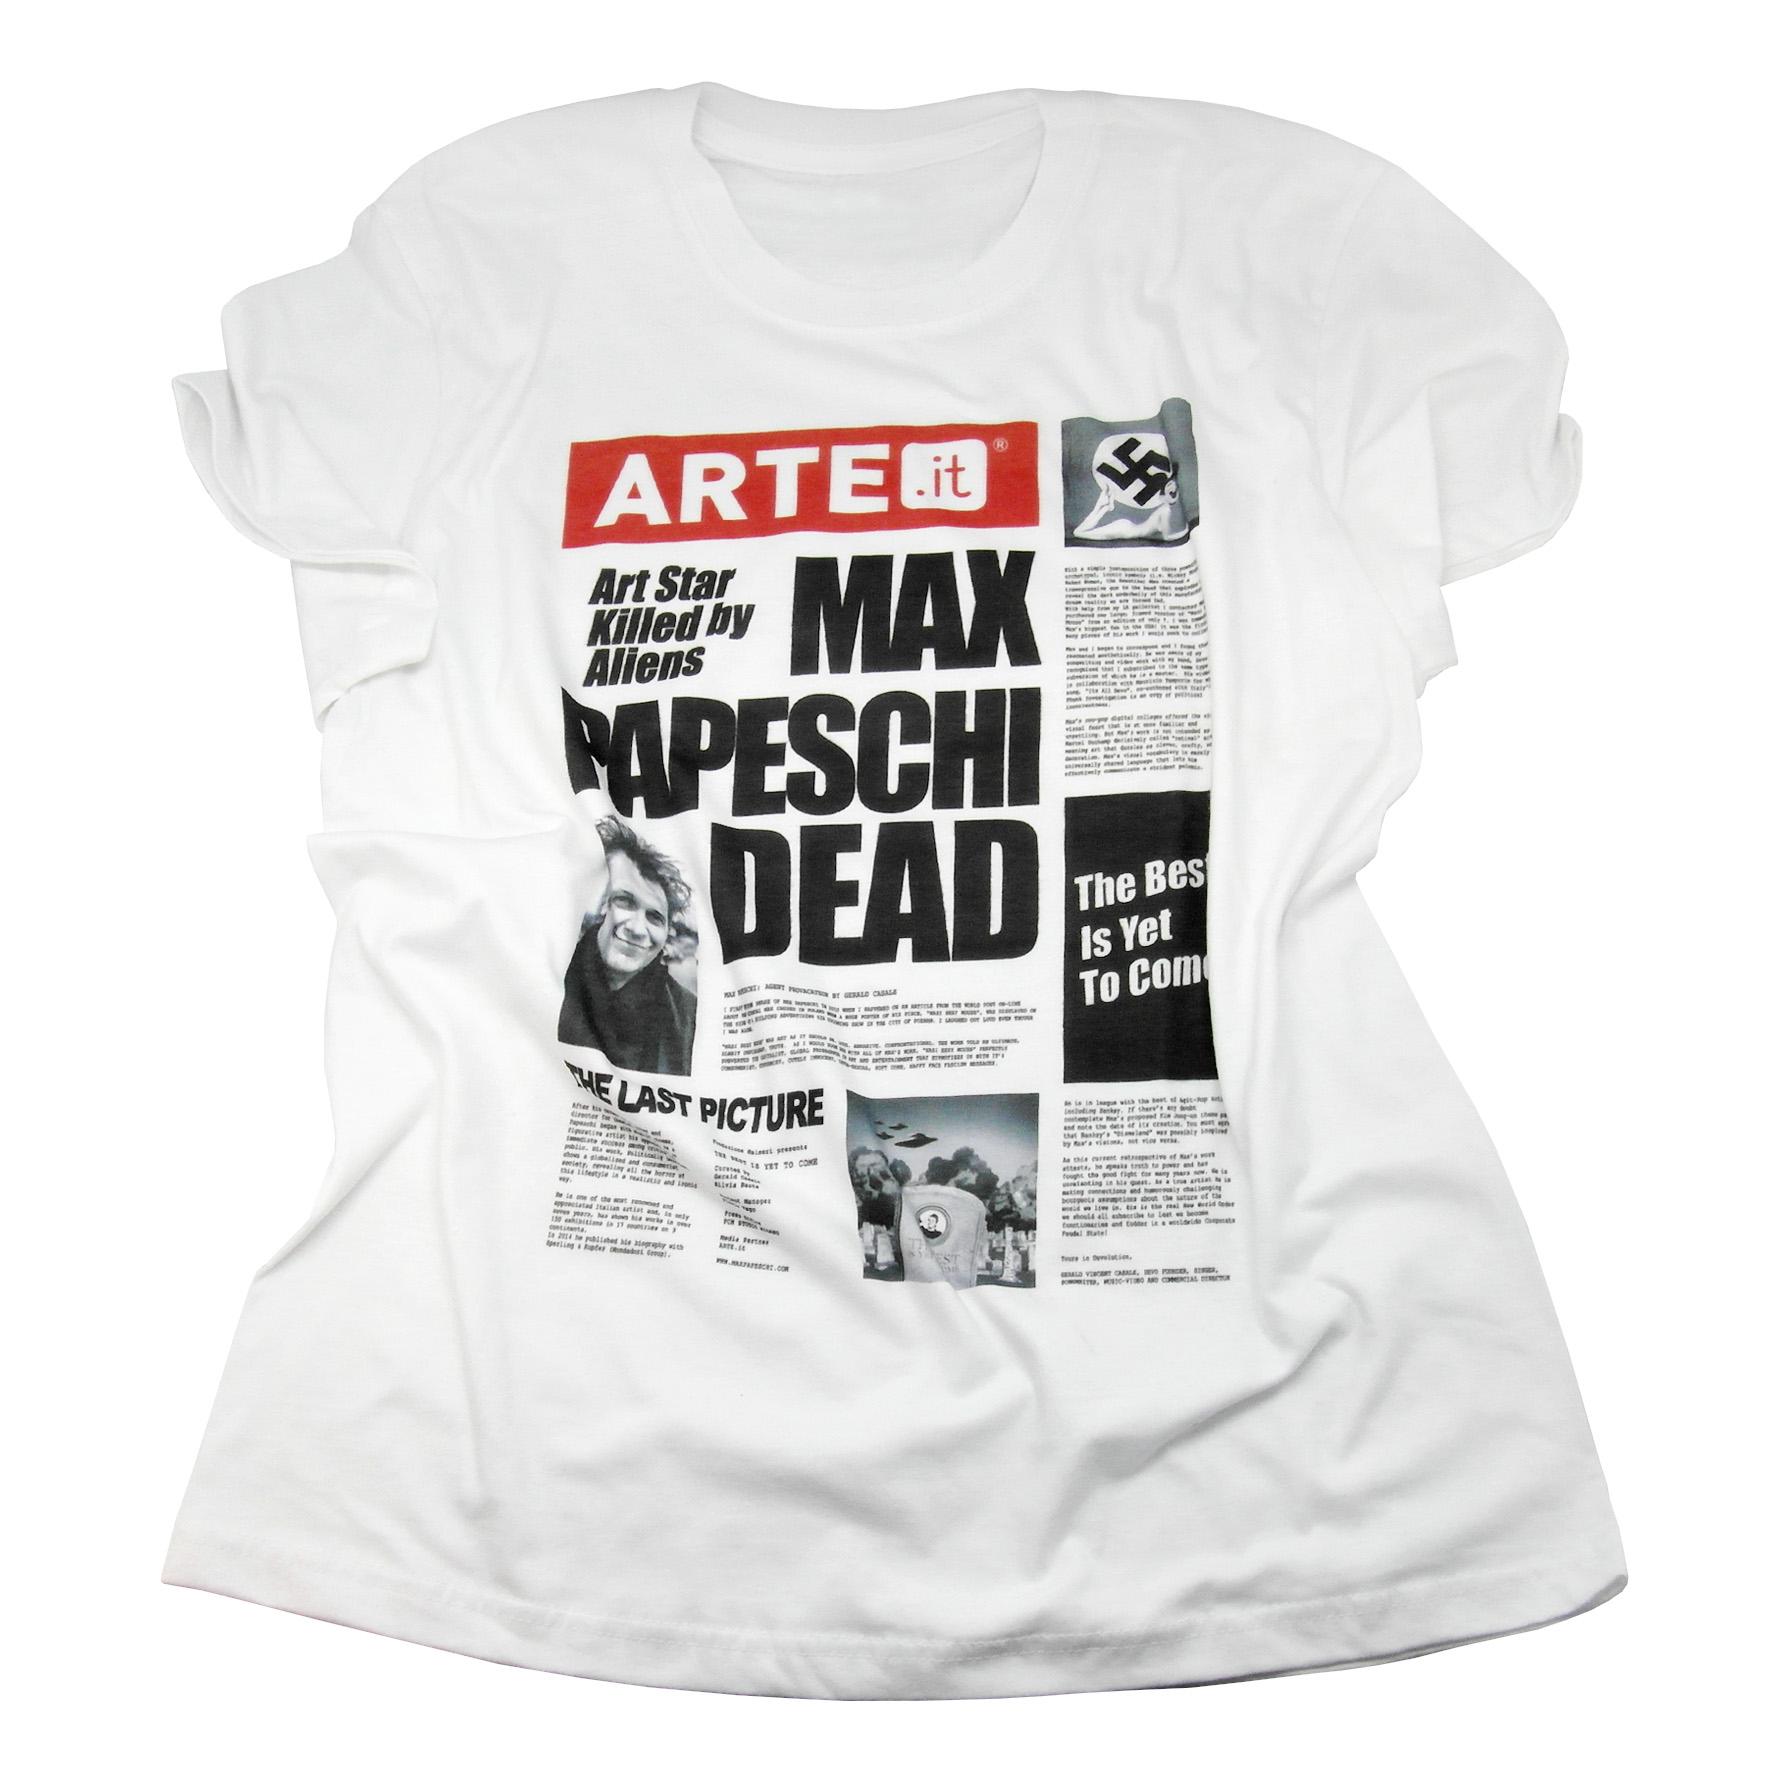 t-shirt-max-papeschi-arteit